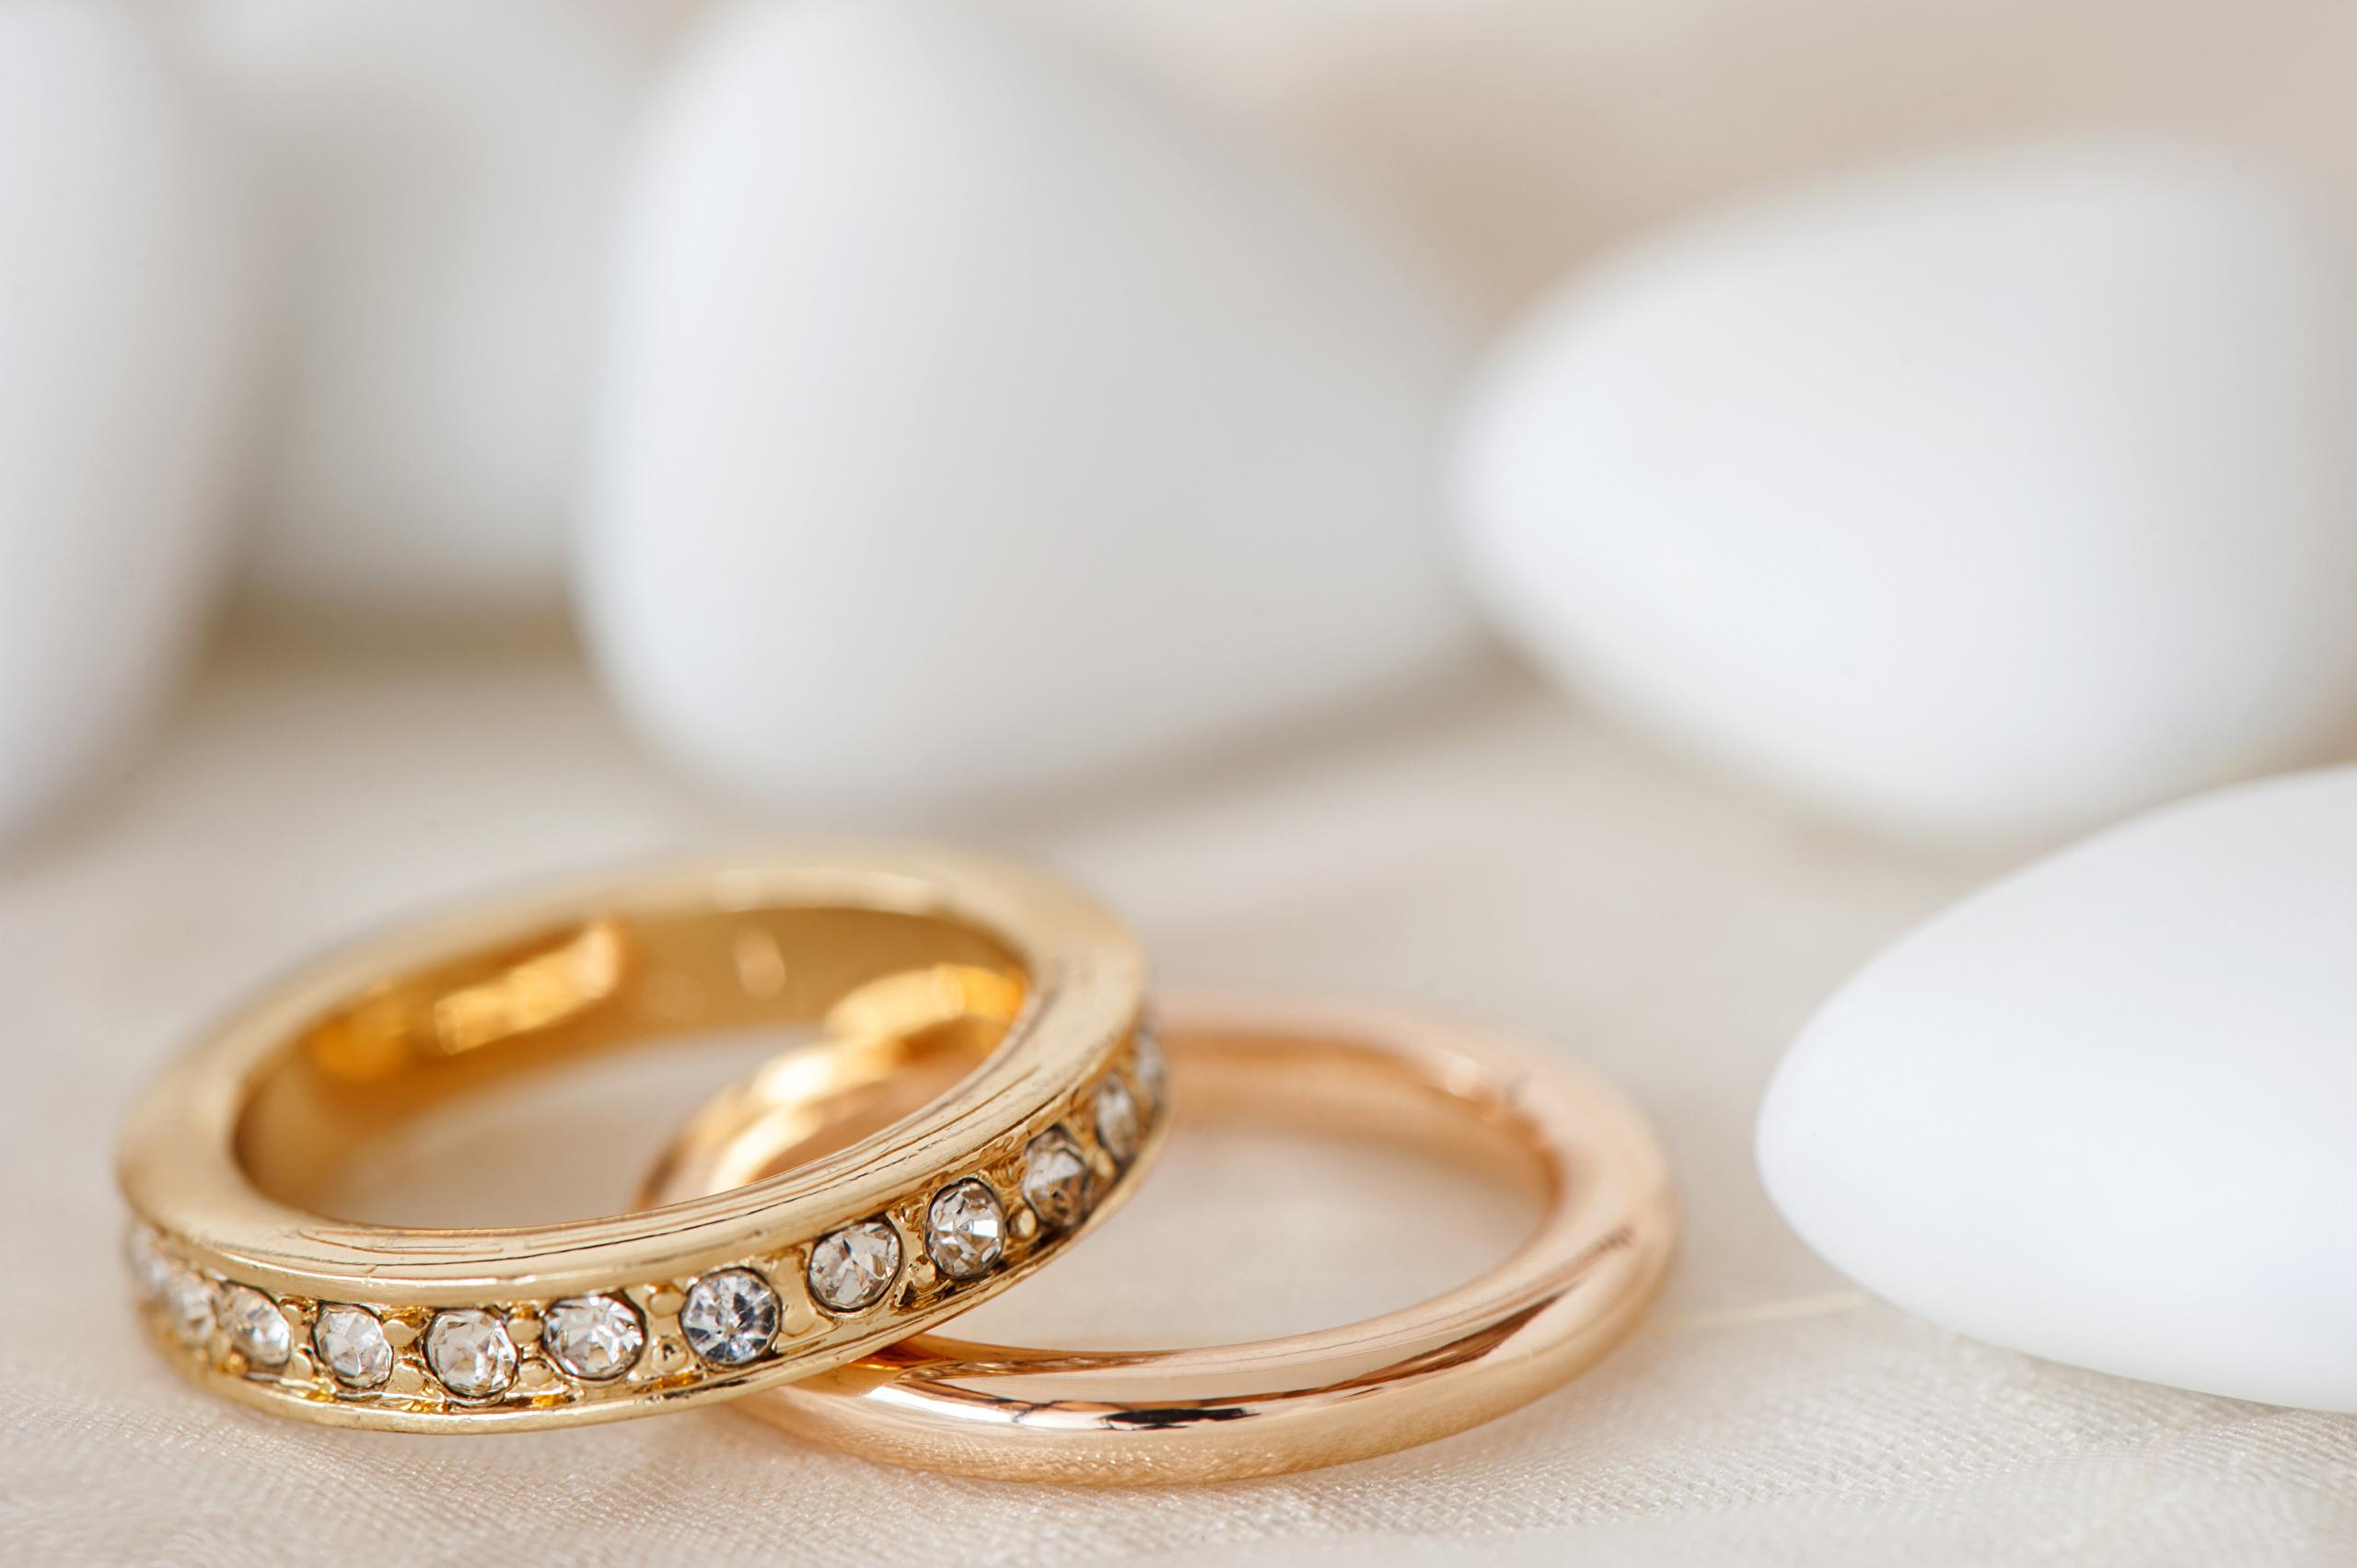 Сонник что означает золотое кольцо